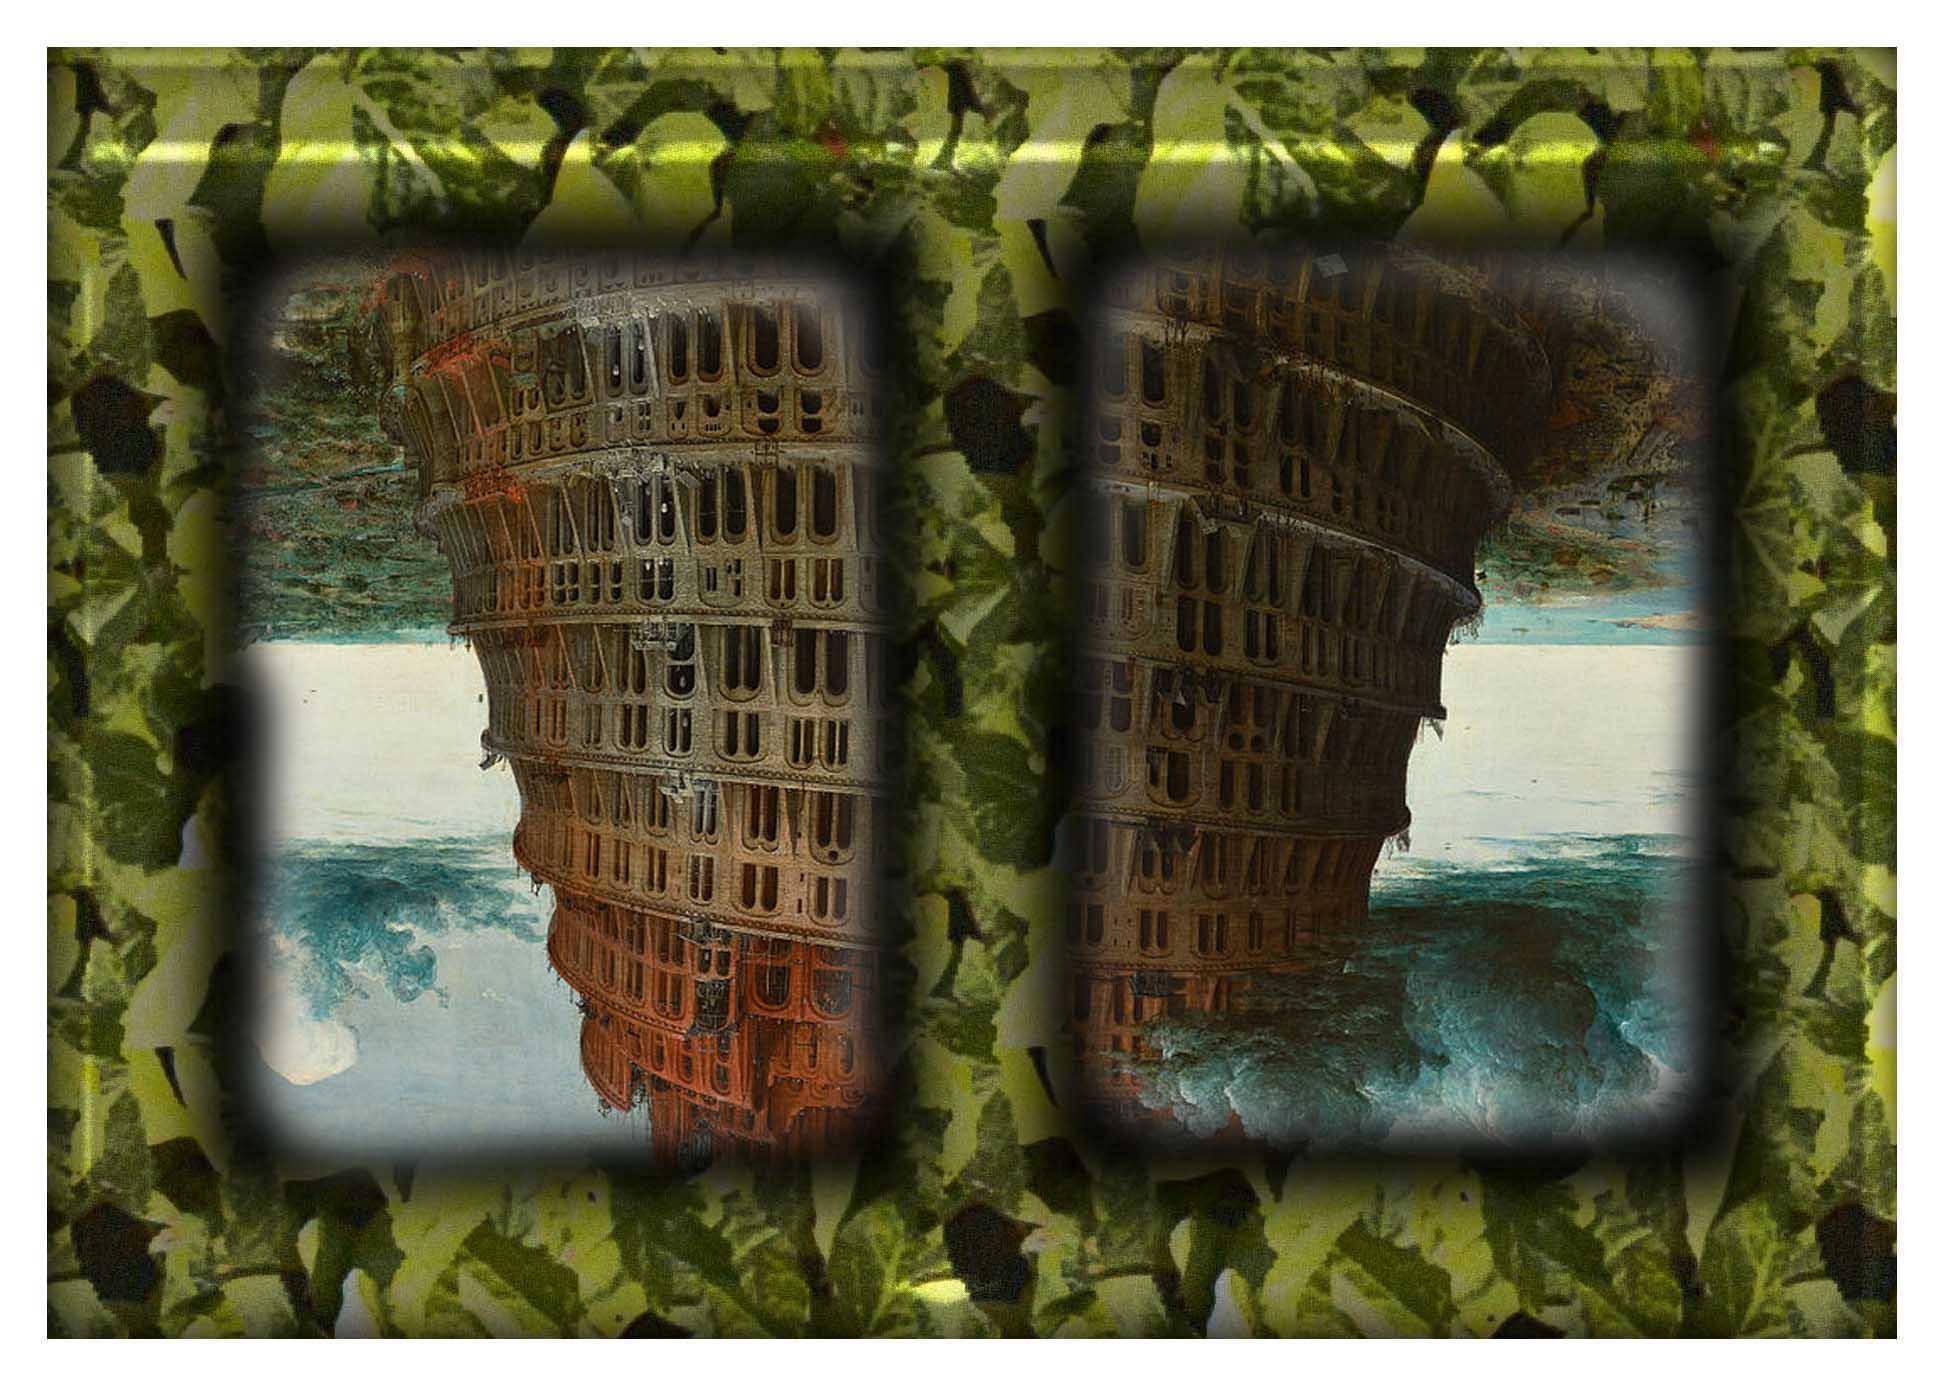 frame brueghel upsidd down